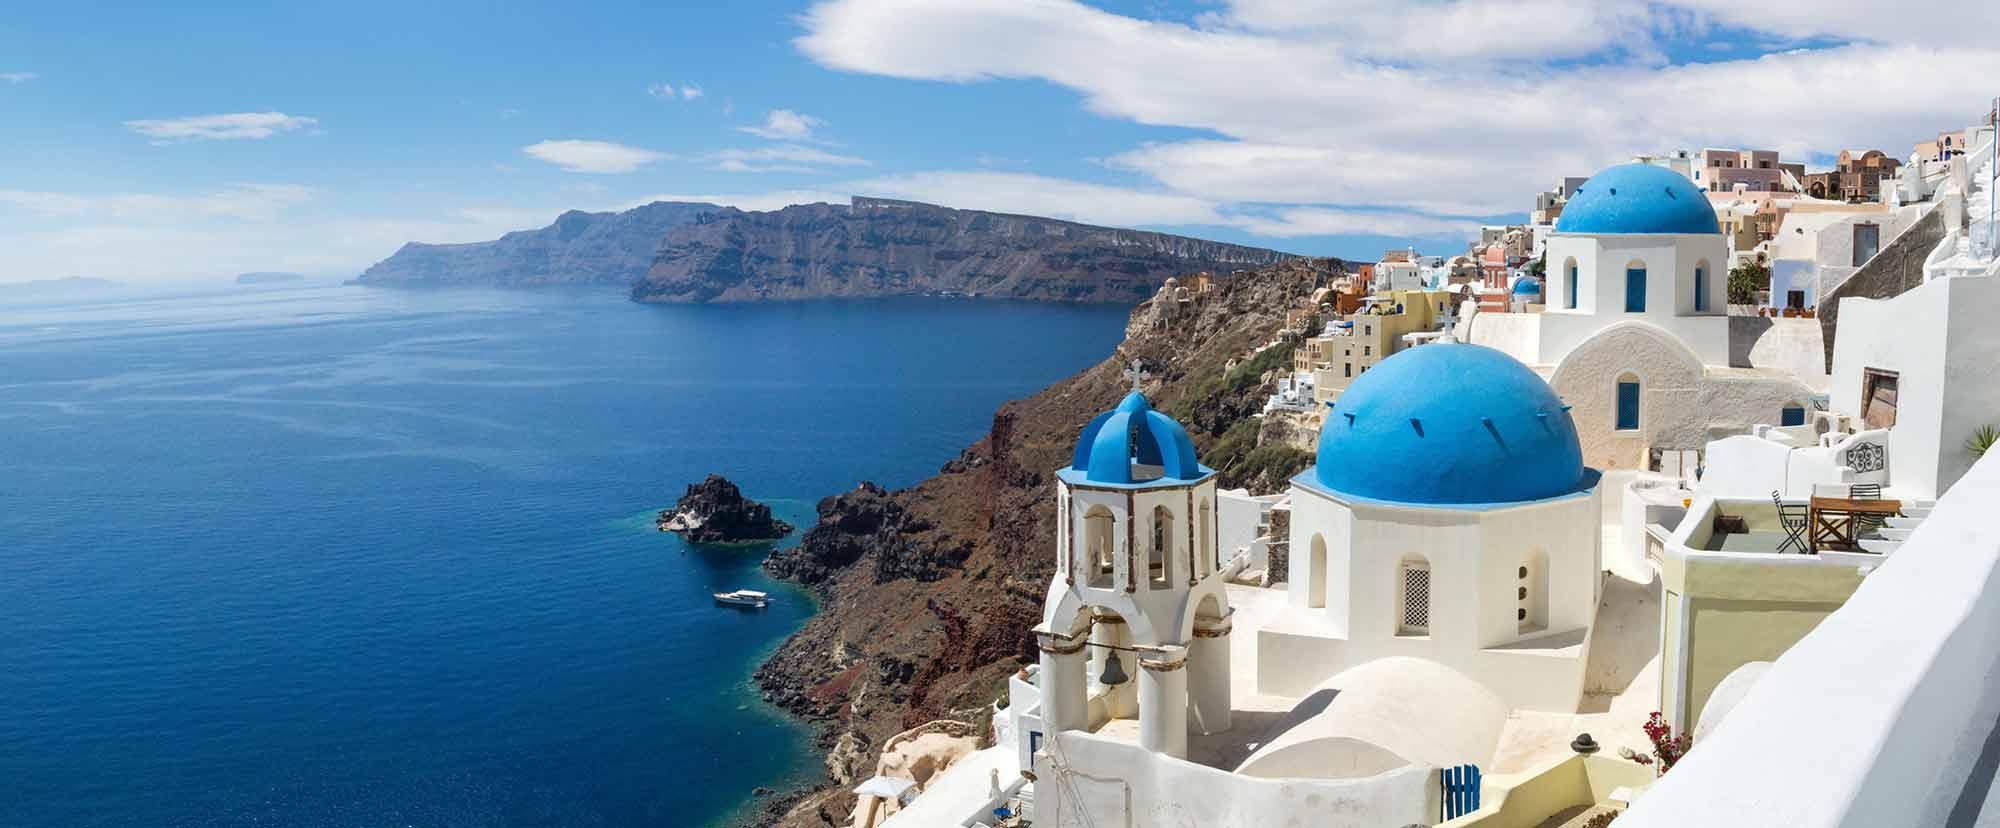 Туры в Грецию на отдых, цены 2017-2018 года на отдых в ...